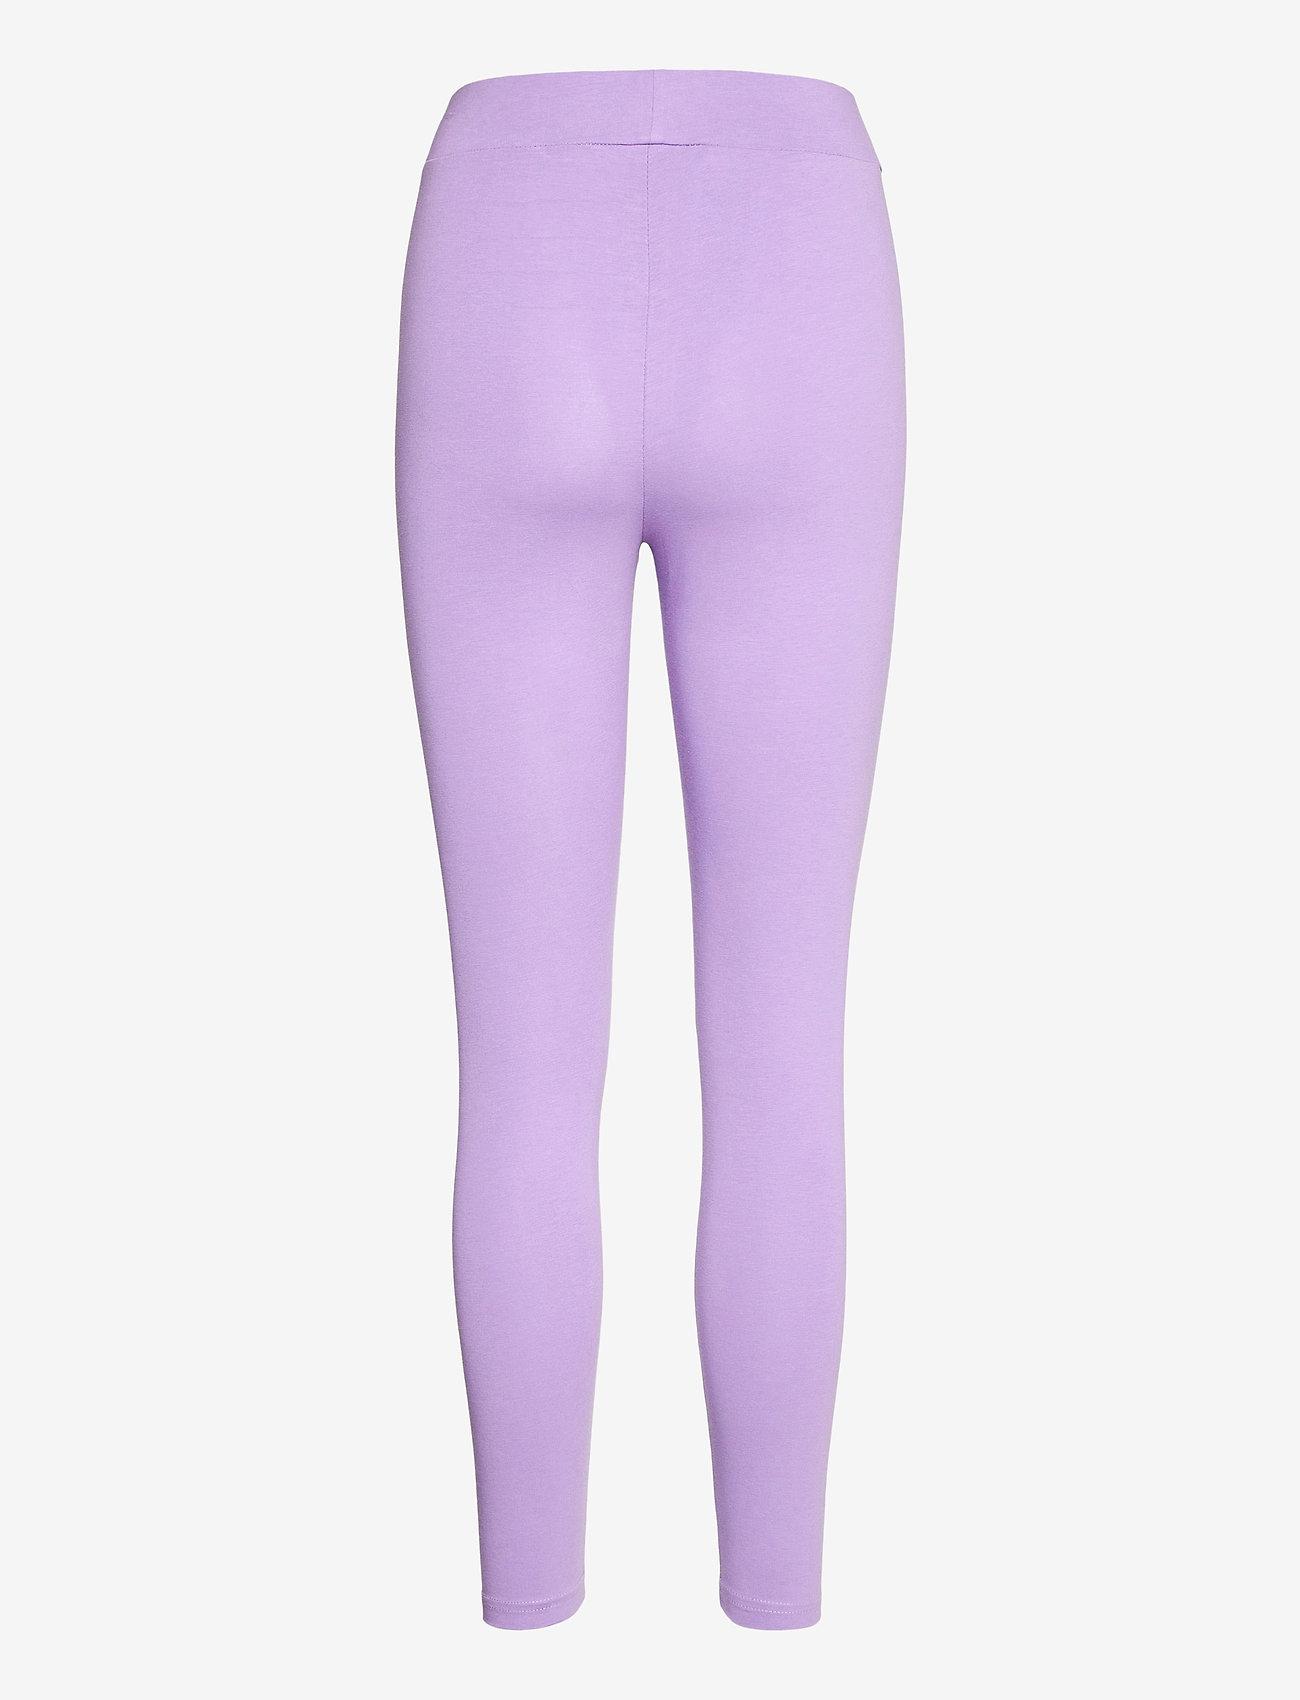 FILA - WOMEN FELIZE 7/8 leggings - leggings - purple haze - 1